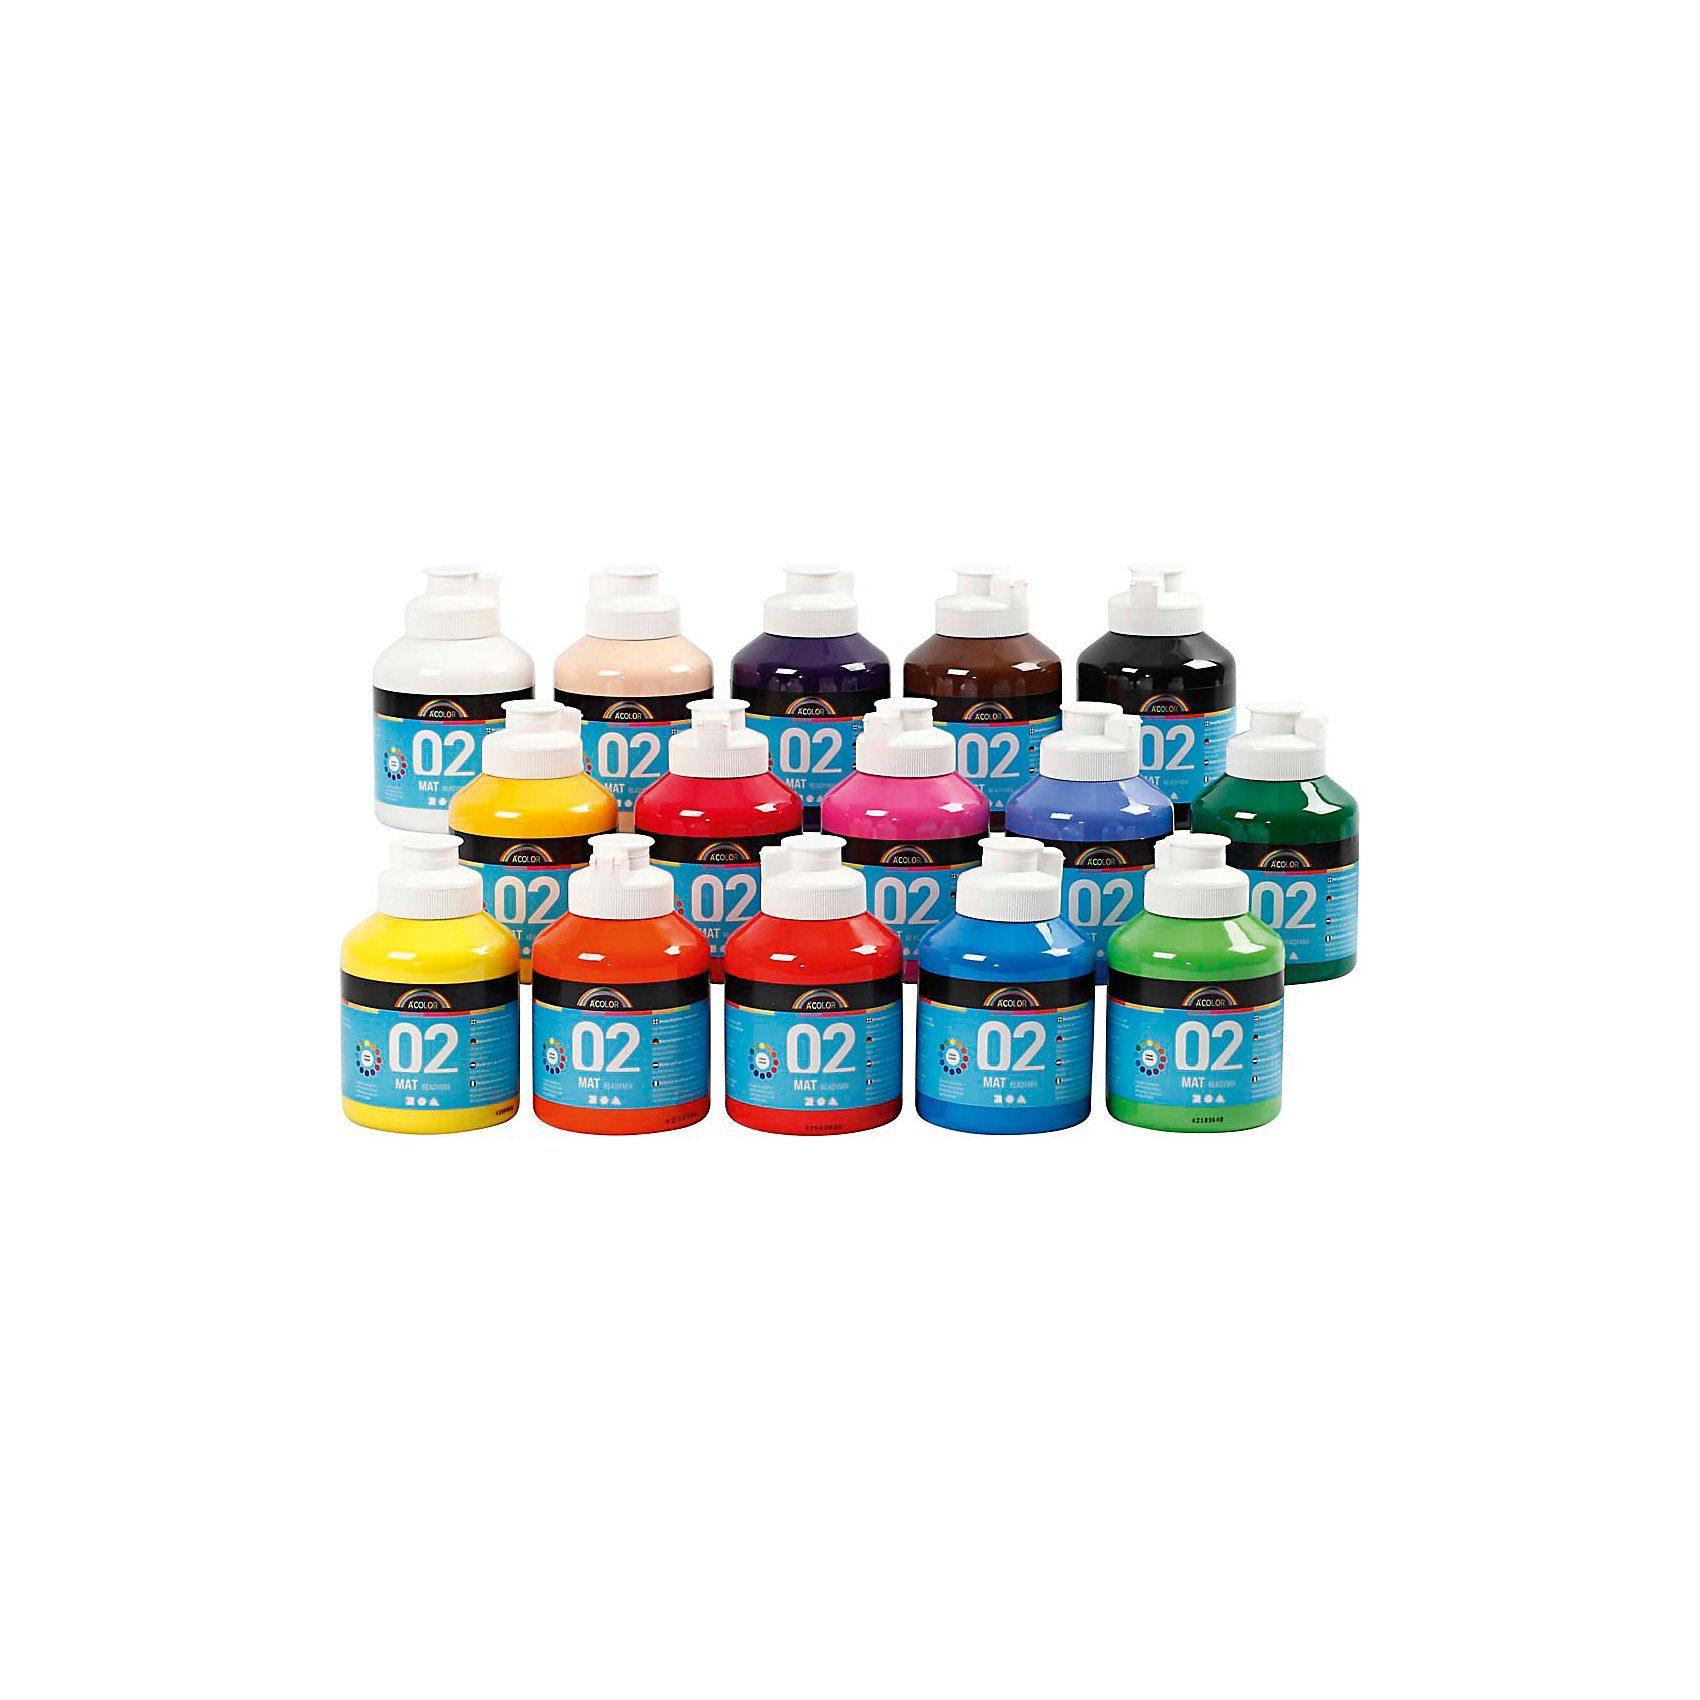 A-Color Acrylfarbe, 02 - Matt, 15x500ml